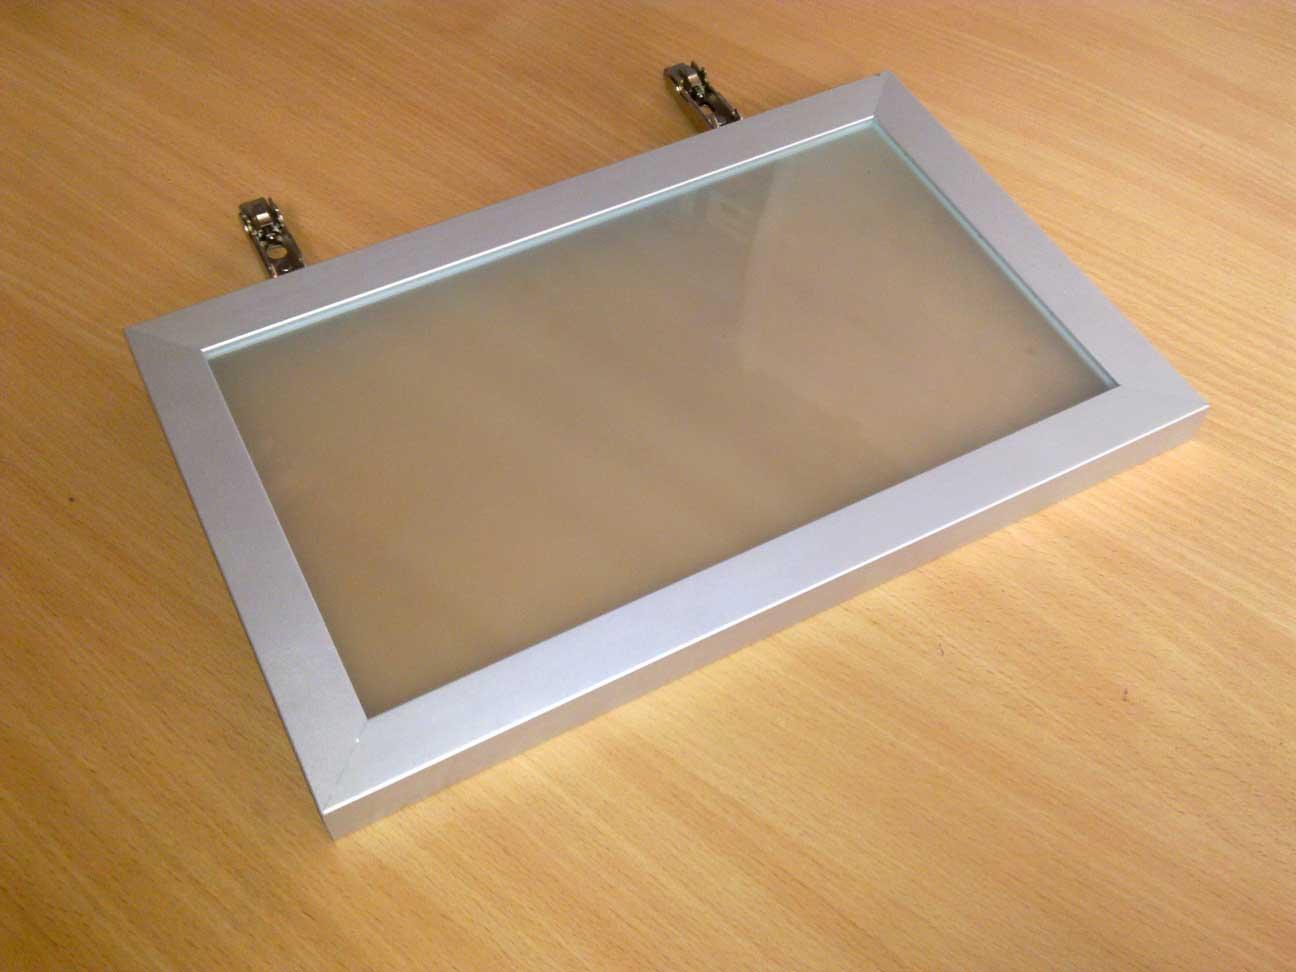 Об алюминиевом рамочном мебельном профиле